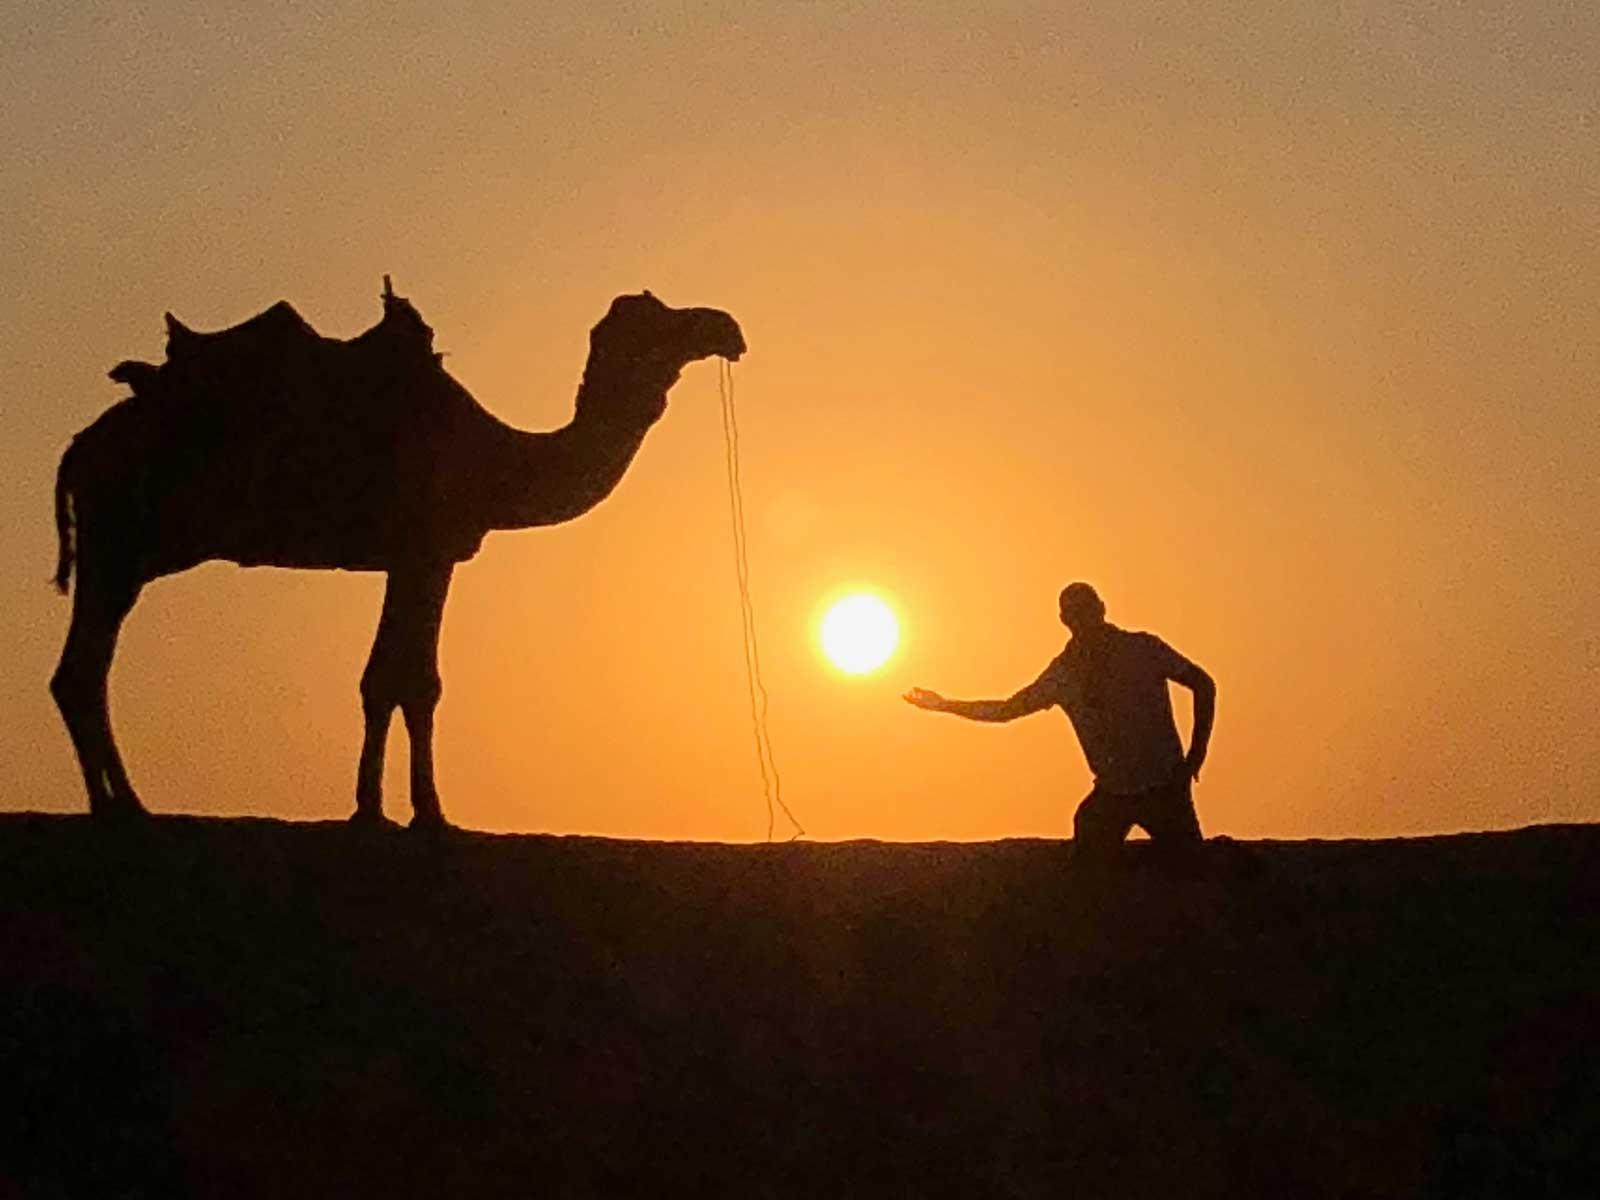 PUESTAS DE SOL INCREIBLES Puesta de sol en Argelia Foto Archivo Tuareg